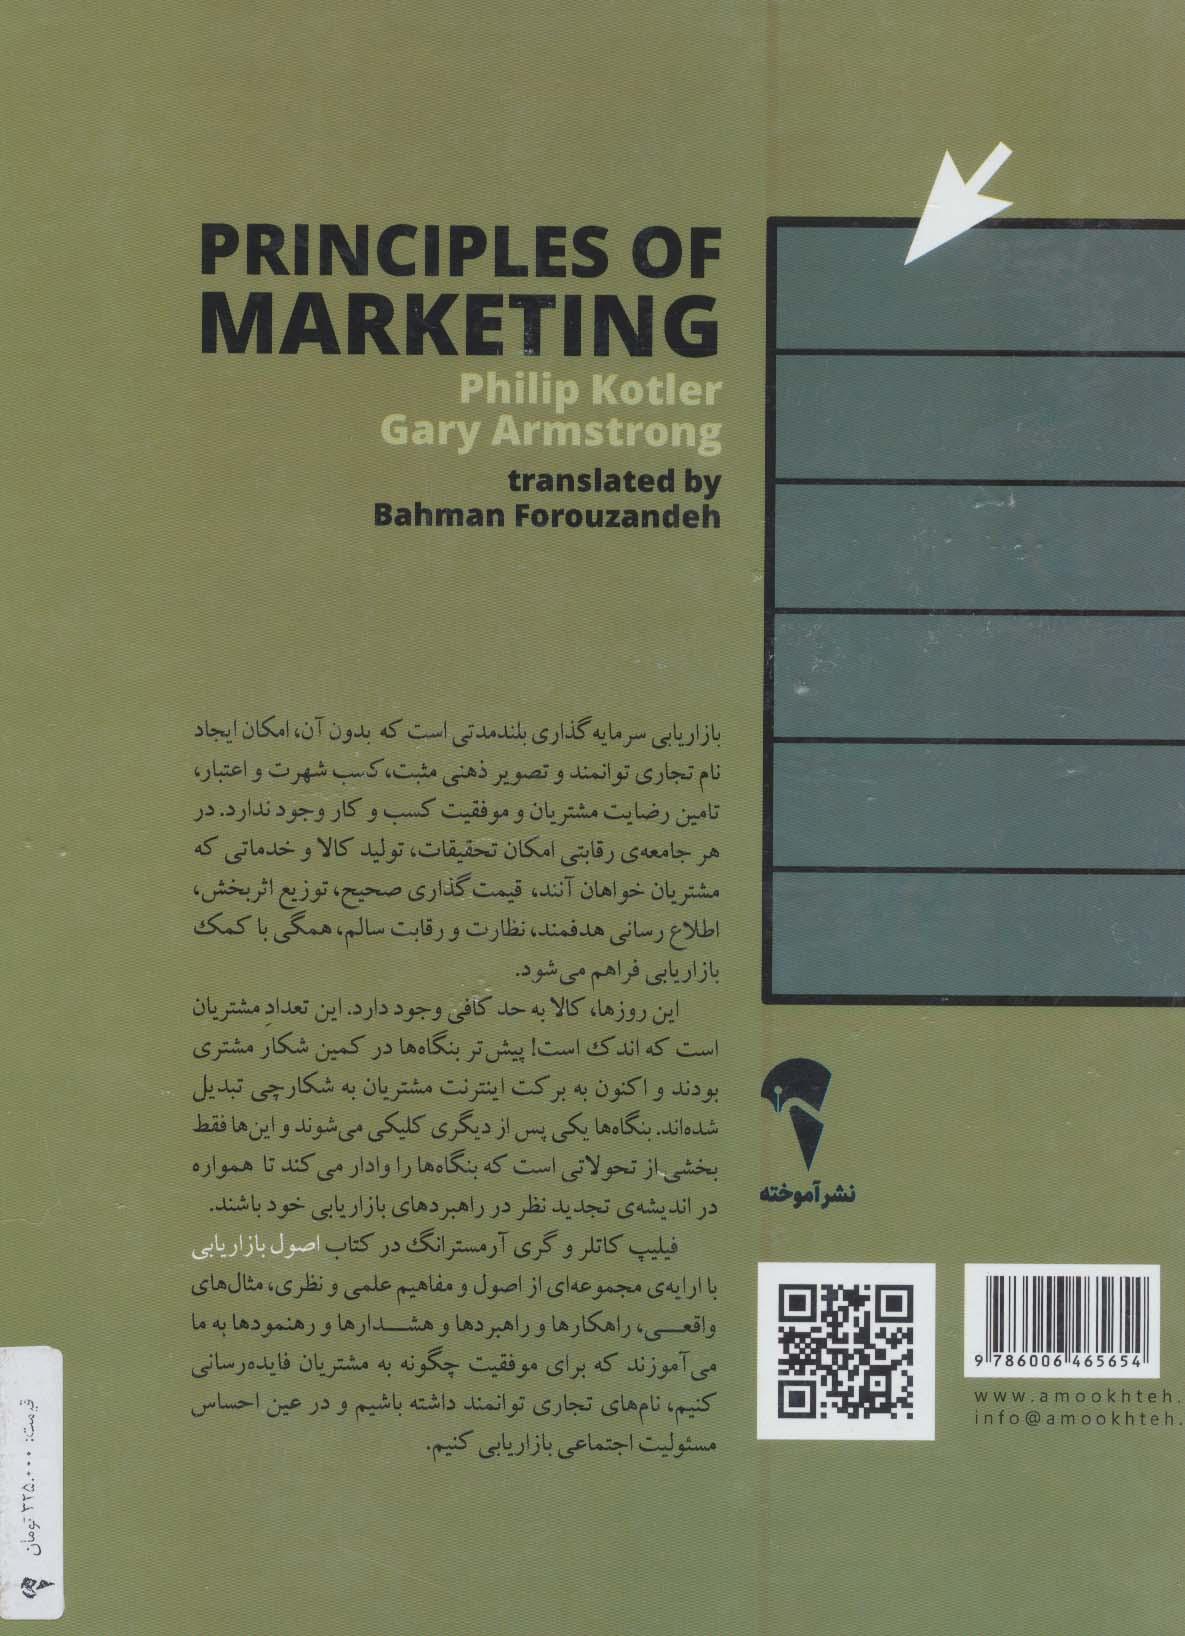 اصول بازاریابی 2